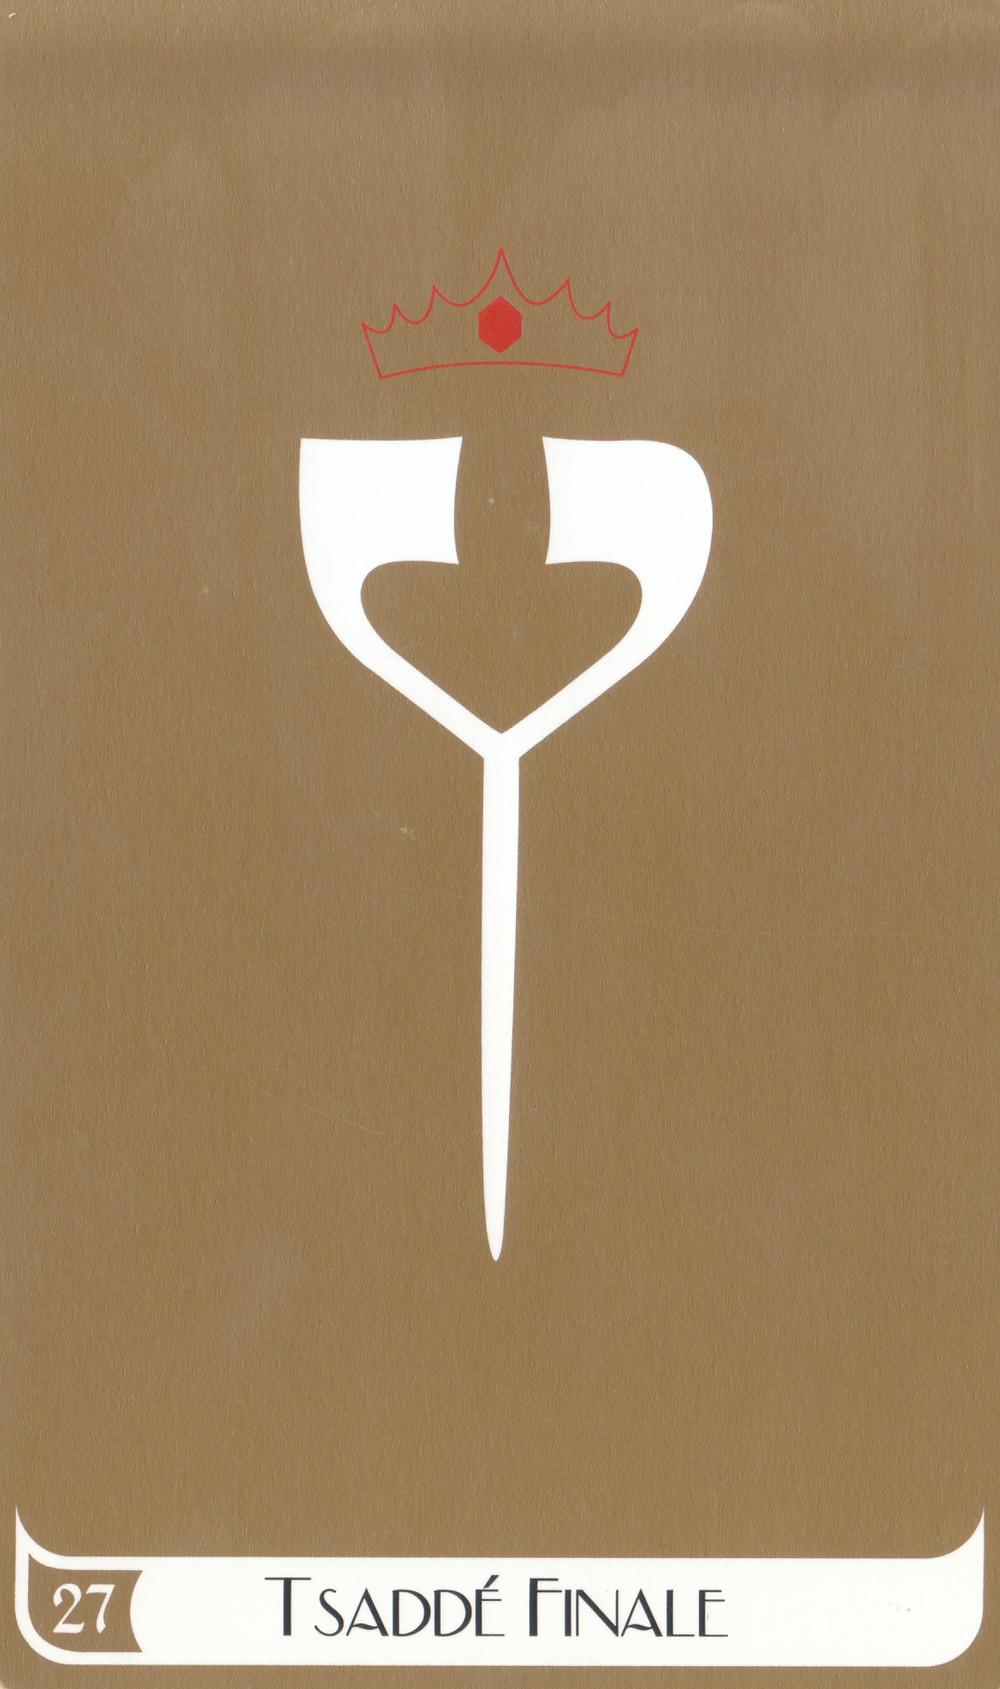 Carte tirée du Tarot des Lettres Hébraïques de Marie Elia - Tsaddé Finale 27 - Mariage alchimique libérateur